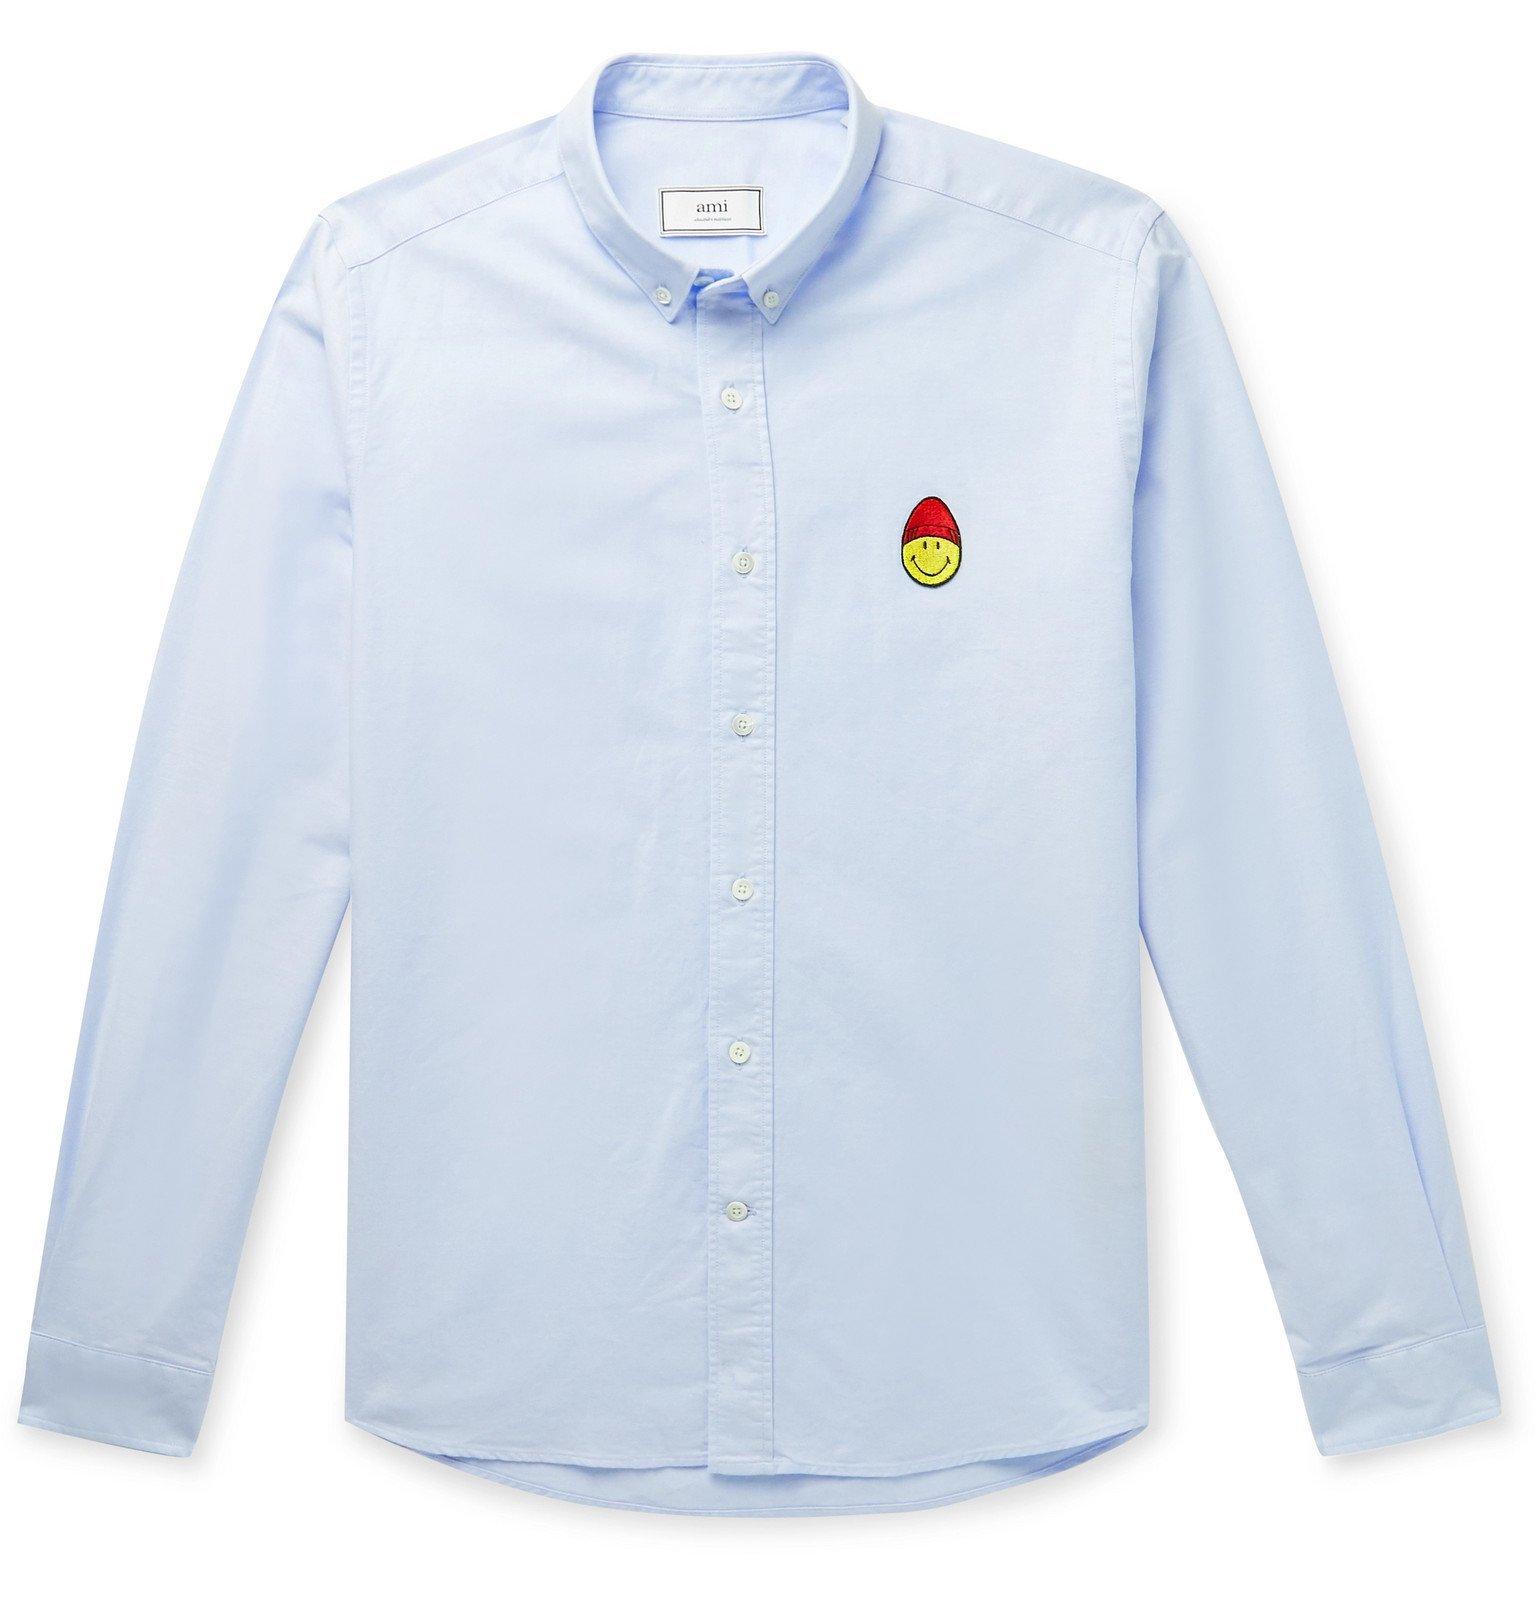 Photo: AMI - The Smiley Company Button-Down Collar Logo-Appliquéd Cotton Oxford Shirt - Blue